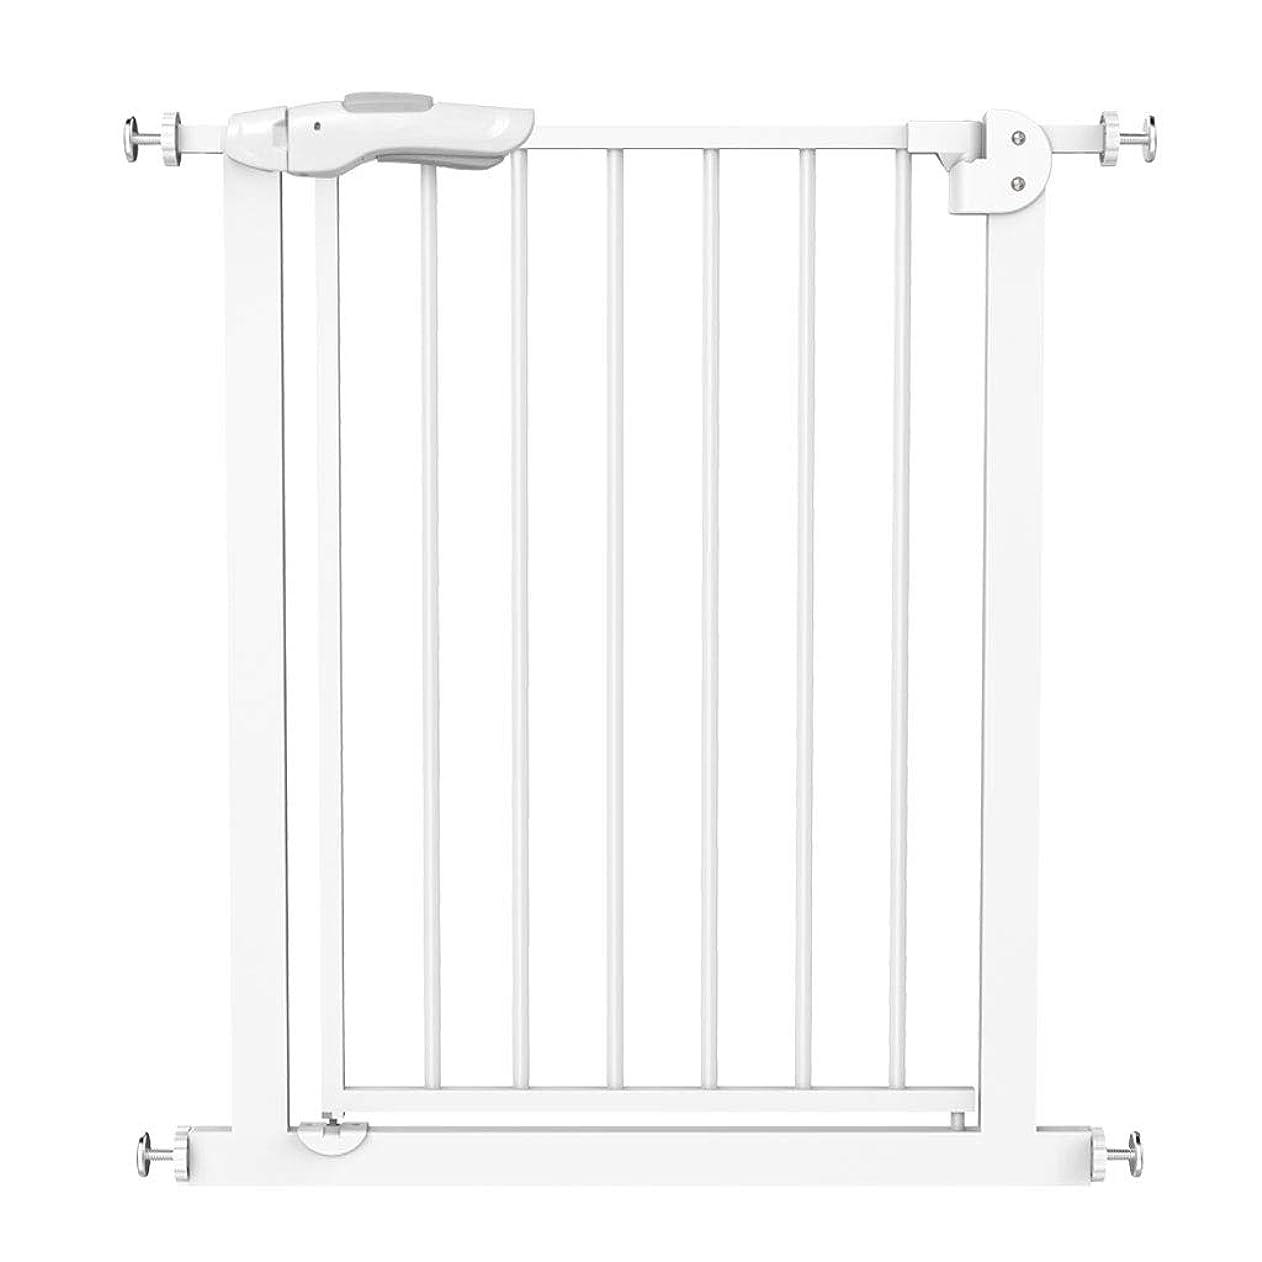 率直な害虫座標QIQIDEDAIN 安全ゲート階段フェンス子供安全ゲートフェンスフェンス子供安全フェンス犬ドア柵安全防護階段 (Size : 66-74cm)